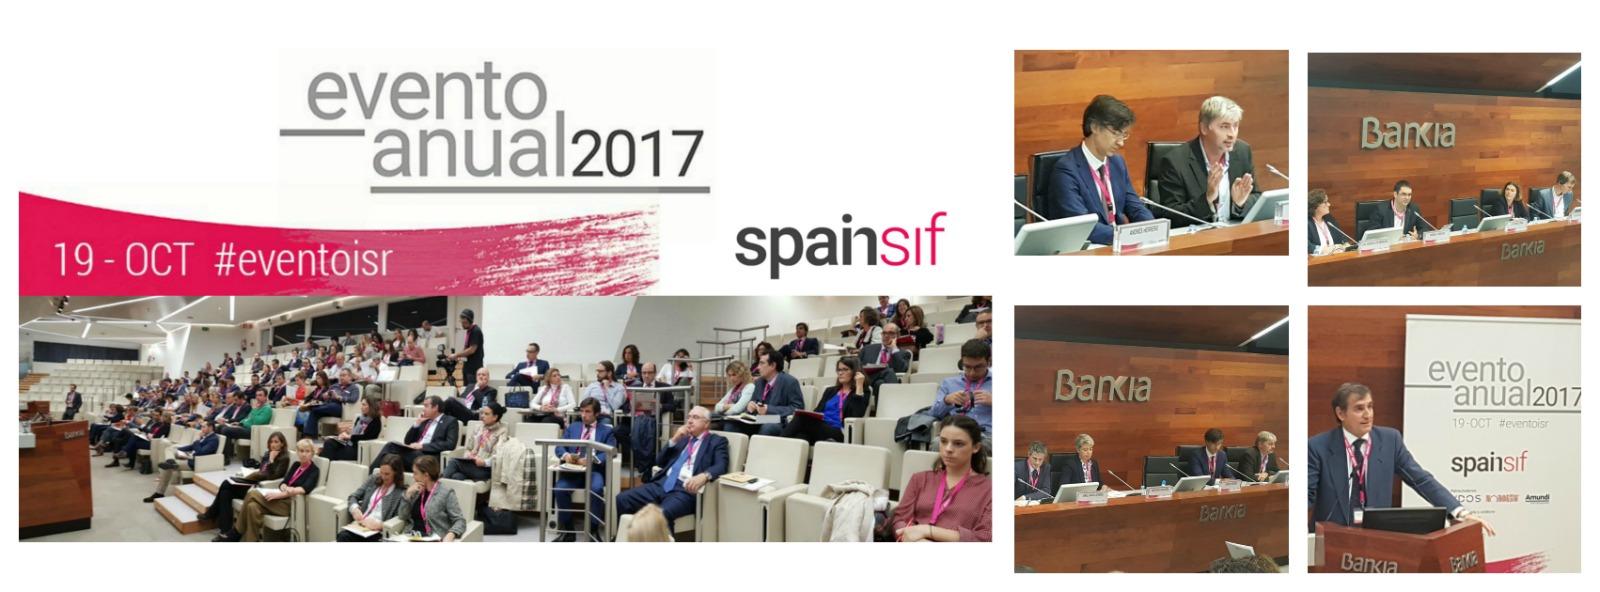 Durante el VIII Evento Anual de Spainsif se destacó que todos los países del norte de Europa aplican criterios ASG en sus fondos de pensiones.